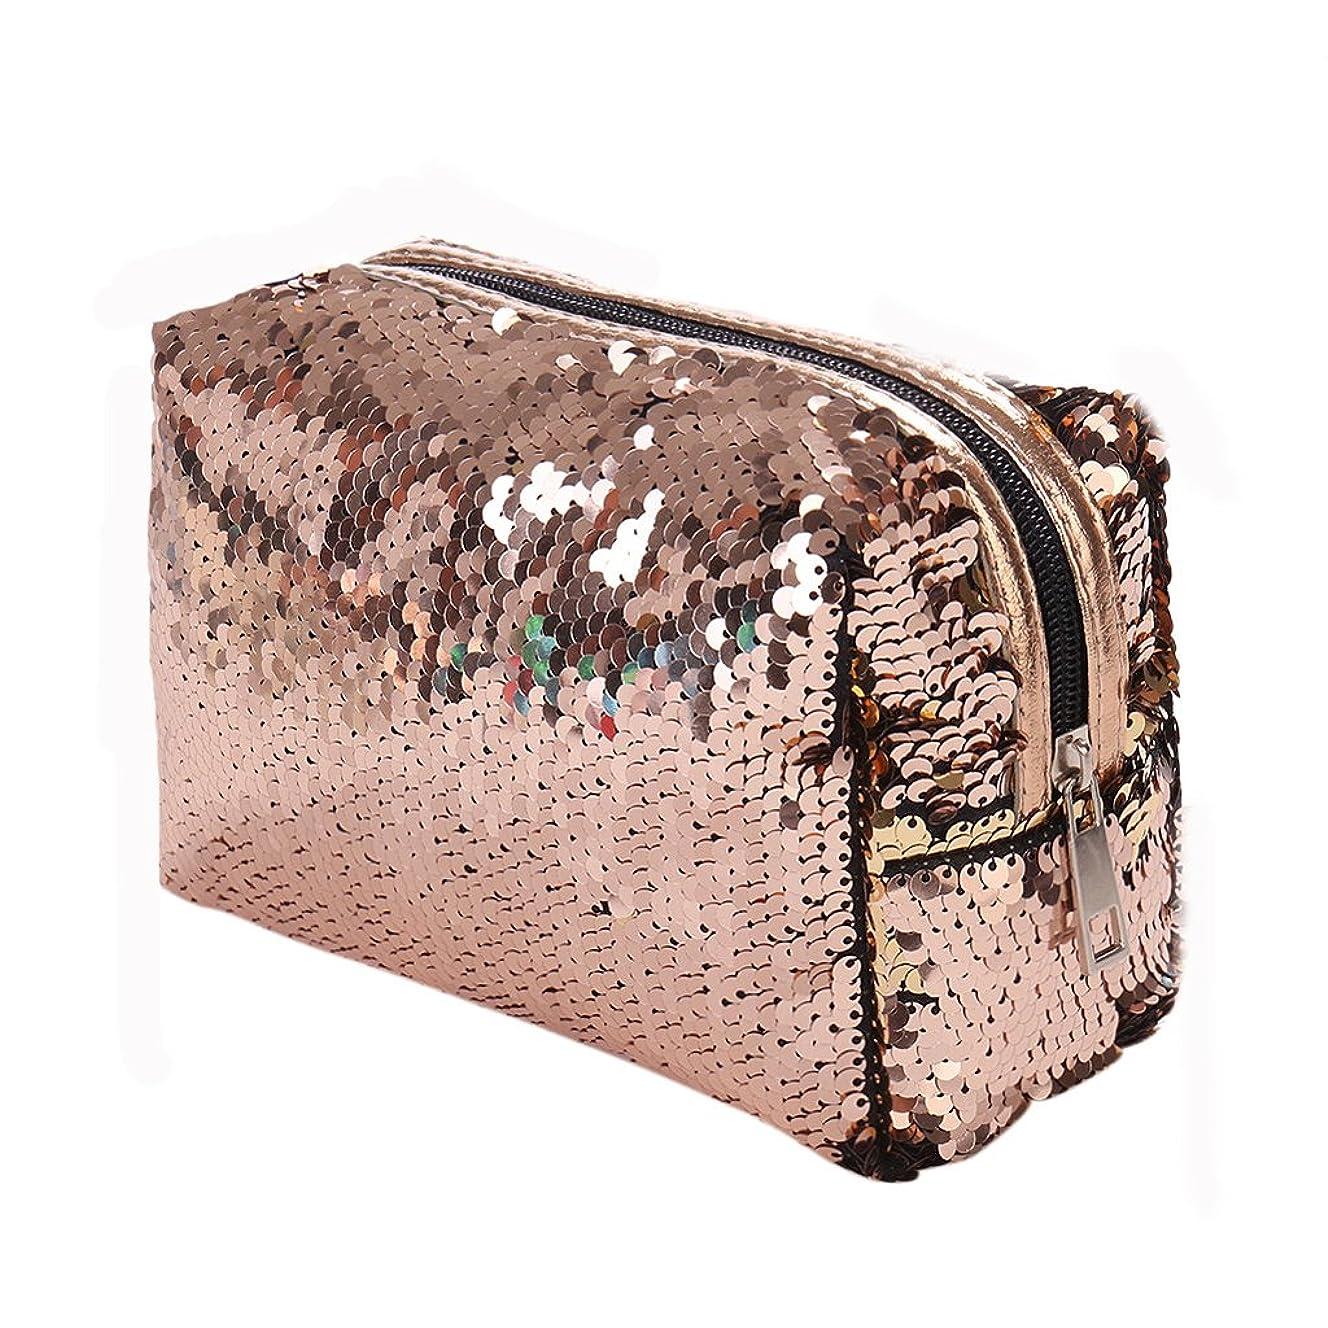 九月復活する類推SimpleLife女性キラキラ化粧品バッグスパンコール化粧品ケースペン鉛筆バッグジッパーコインポーチ財布用女の子女性財布トイレタリーバッグ